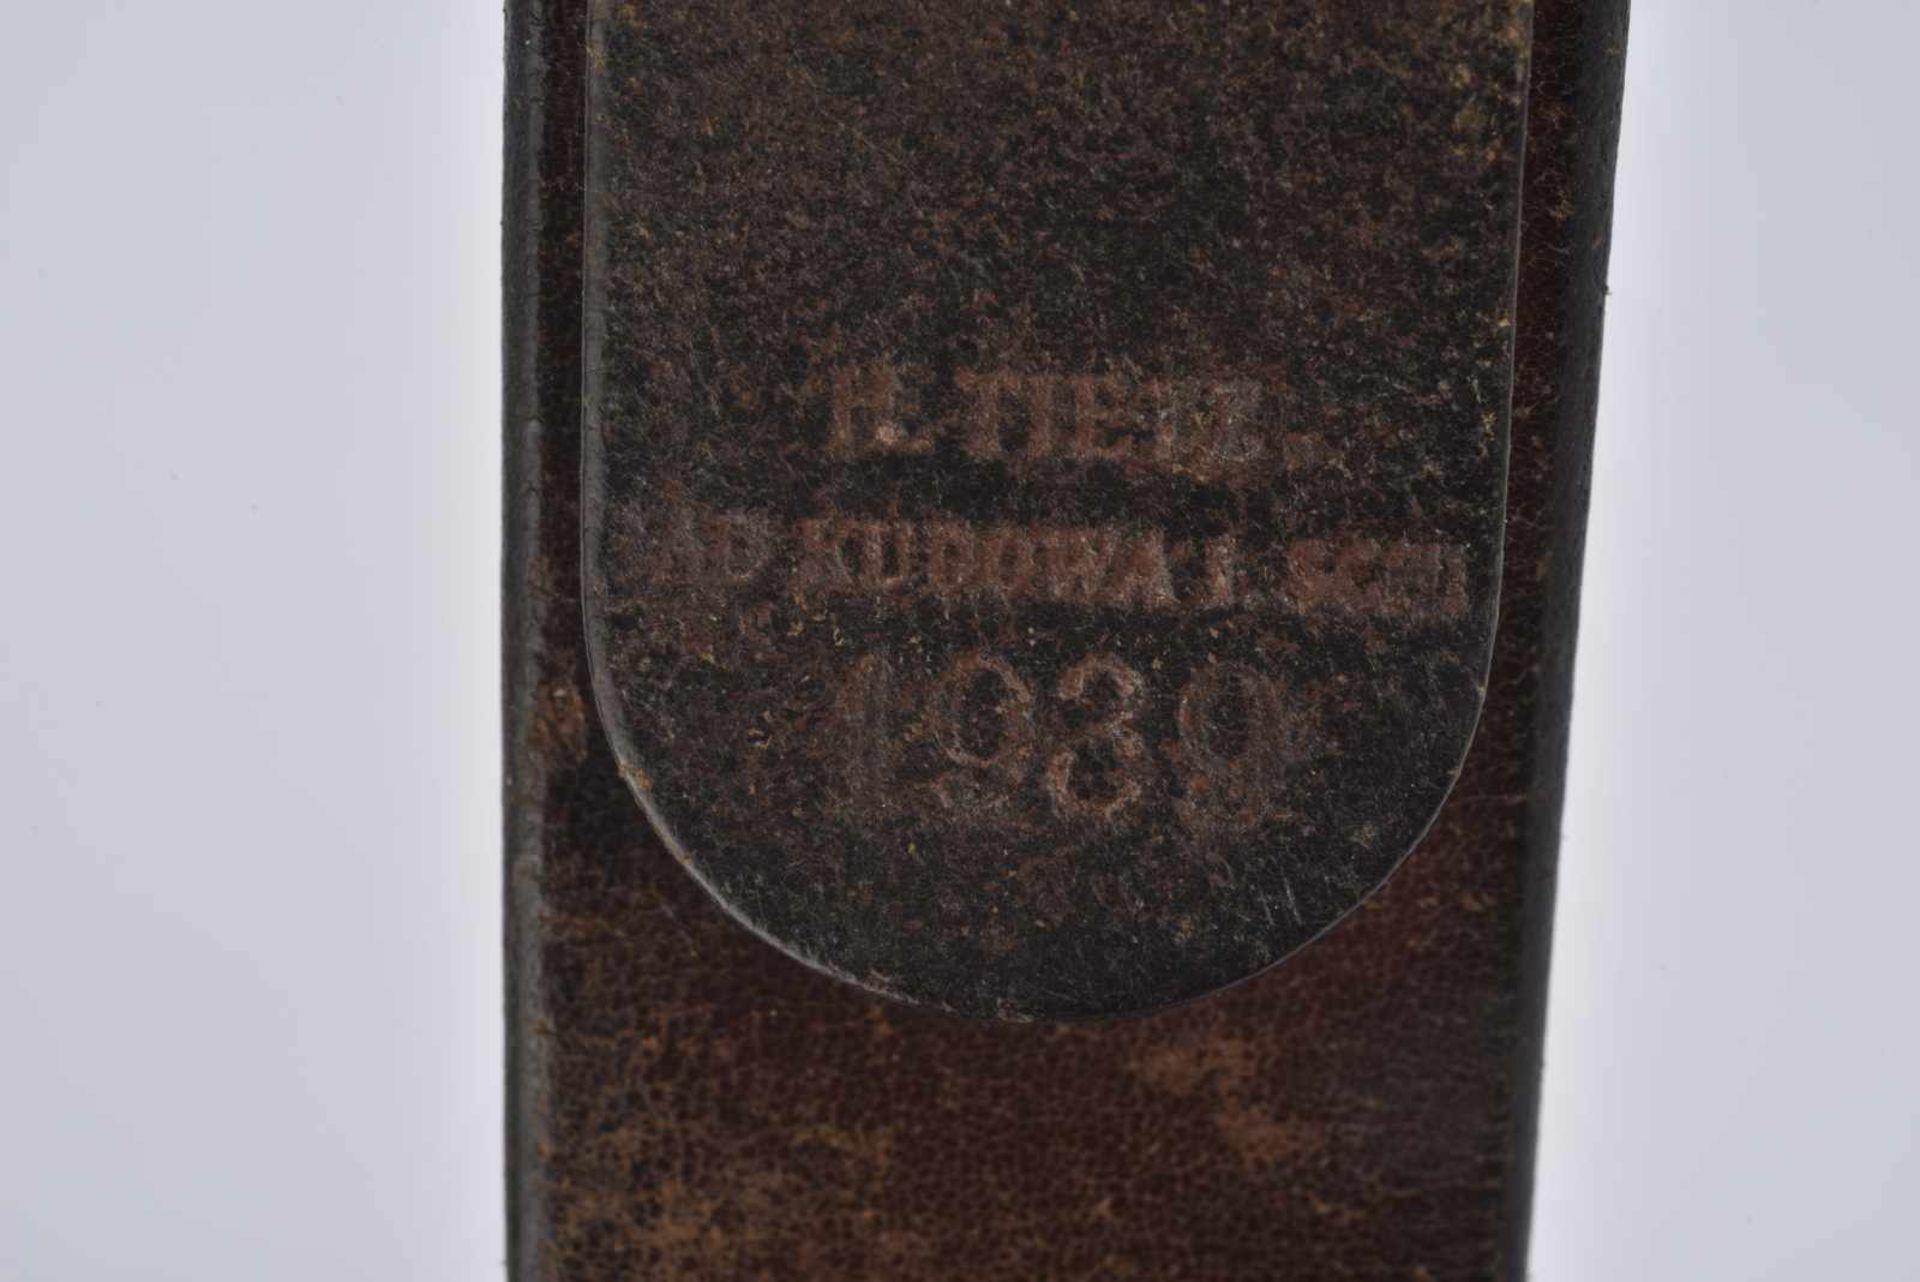 Ceinturon de la Heer en cuir noir, marqué et daté 1939. Boucle de ceinturon en métal grenelé, - Bild 2 aus 3